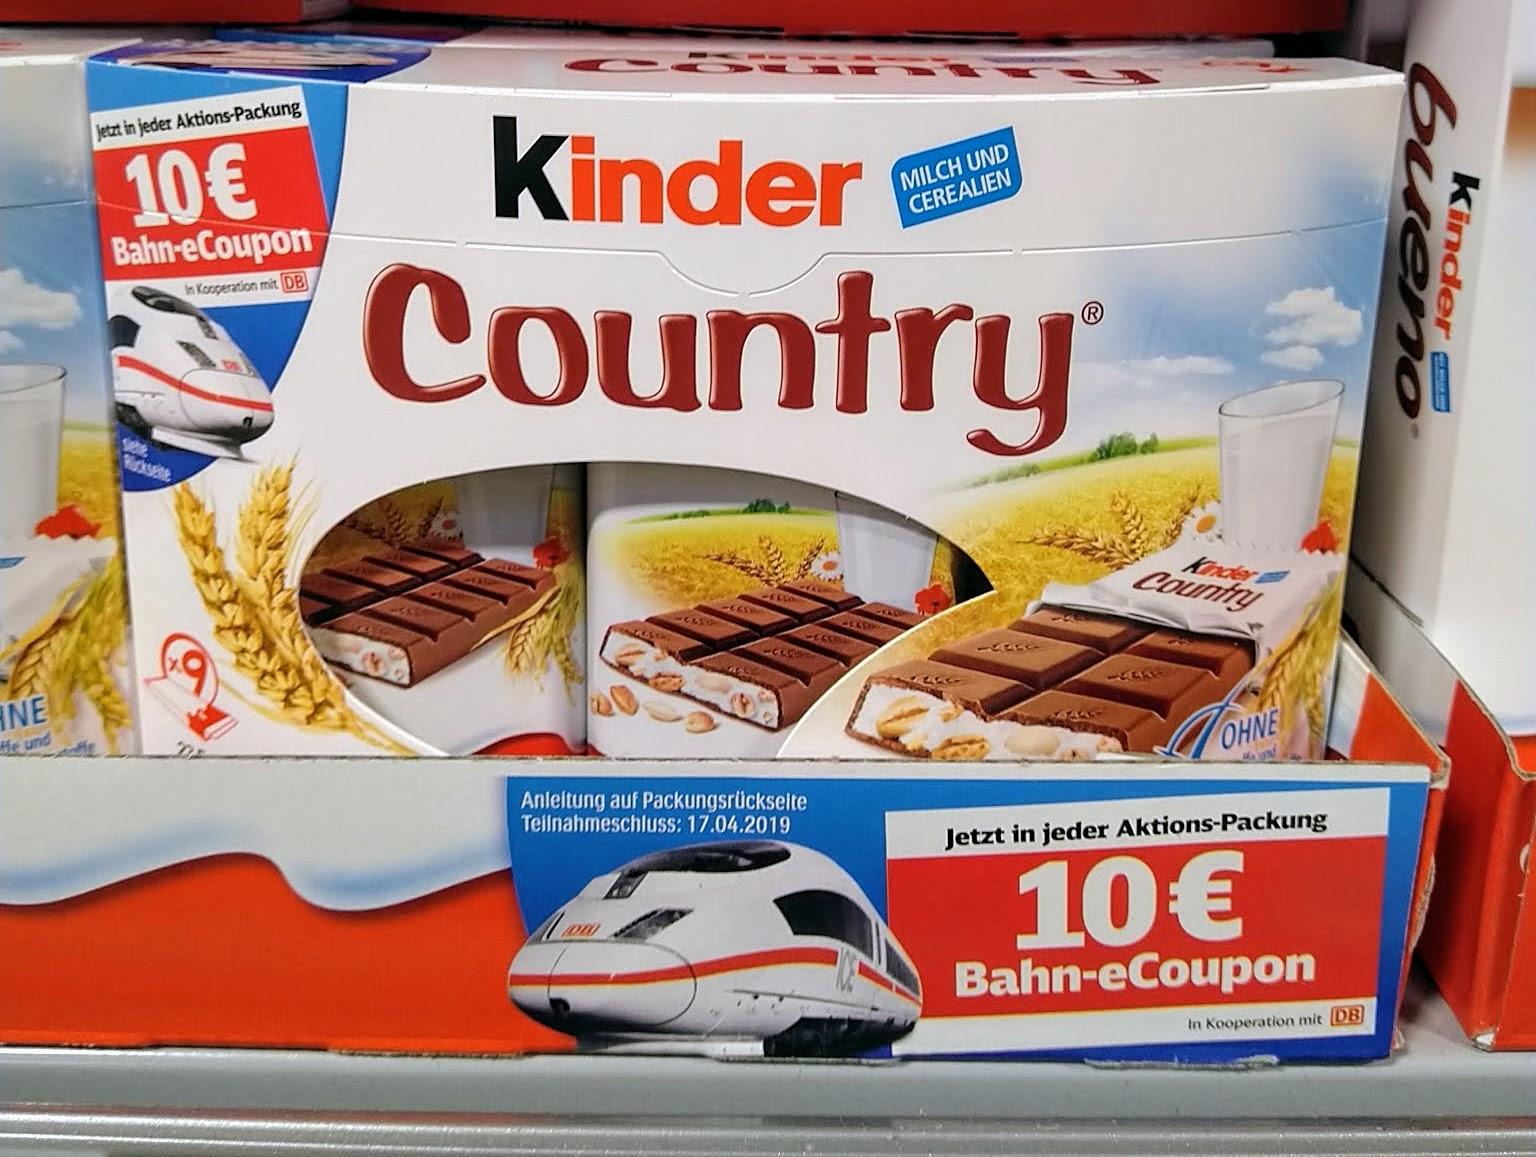 Duplo Hanuta Kinder 10 Euro Gutschein Für Deutsche Bahn Geschenkt